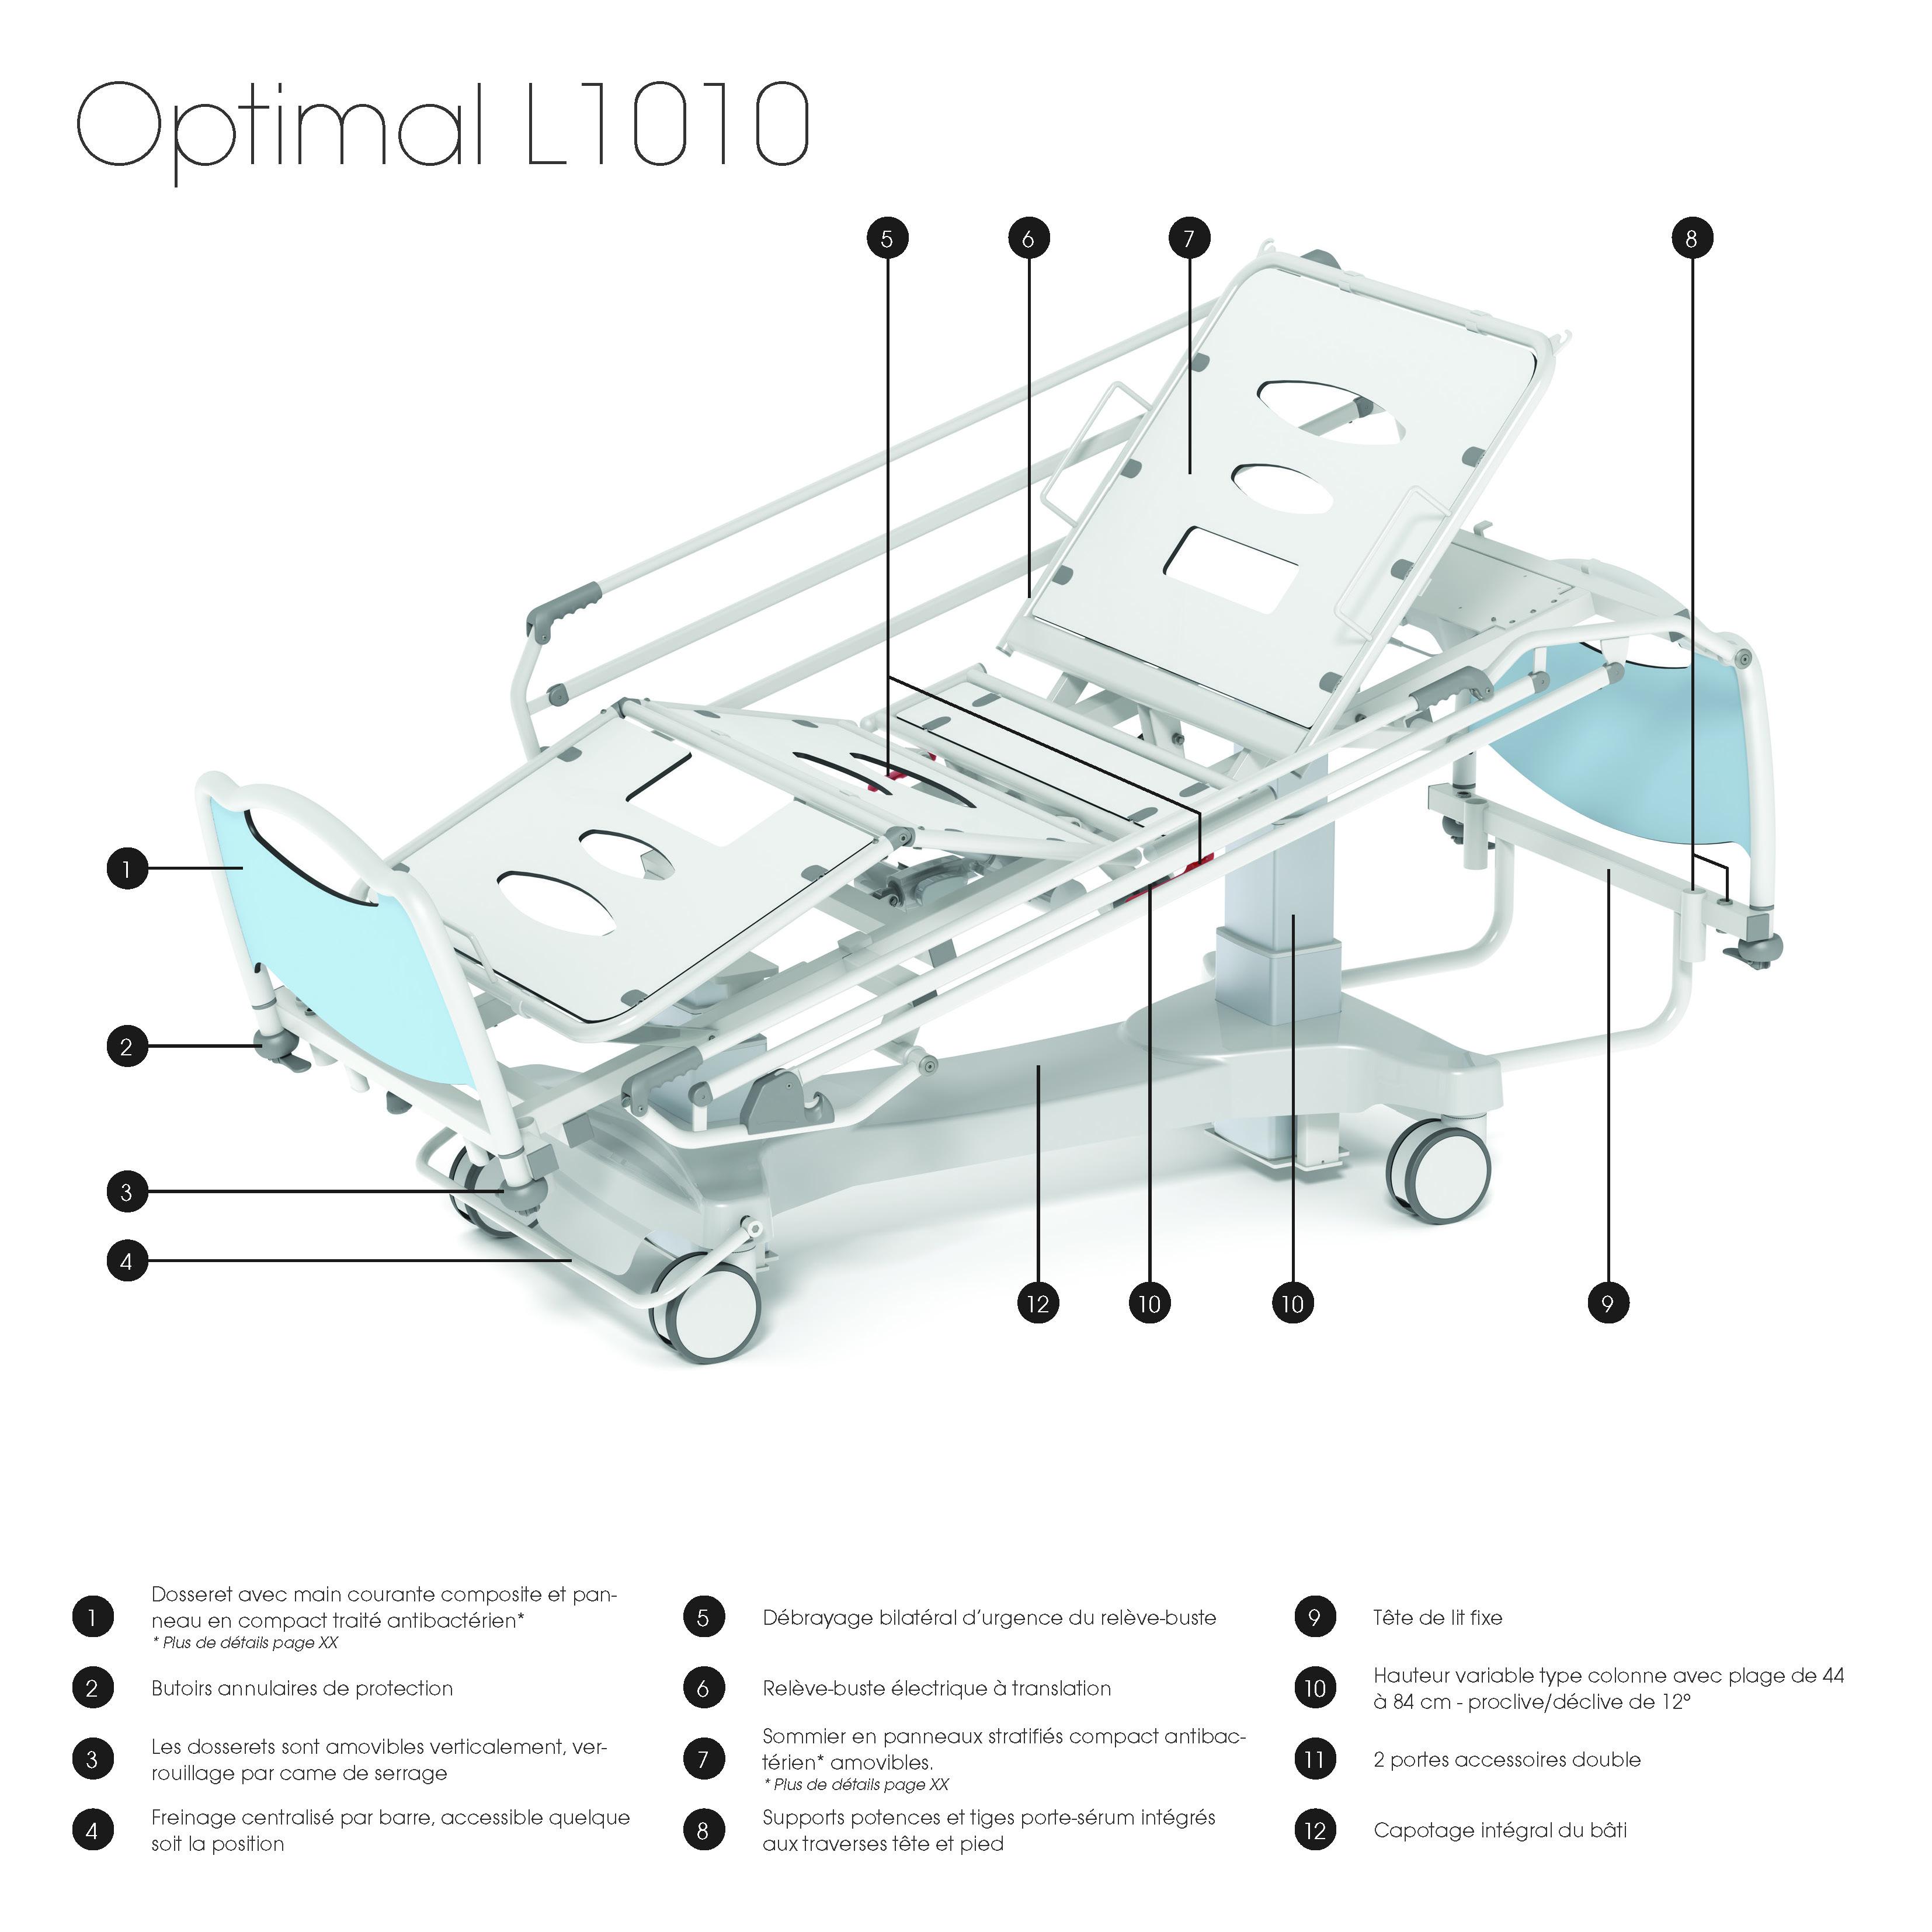 optimal l1010 lits m dicalis s lits mobilier hospitalier nos produits matifas. Black Bedroom Furniture Sets. Home Design Ideas